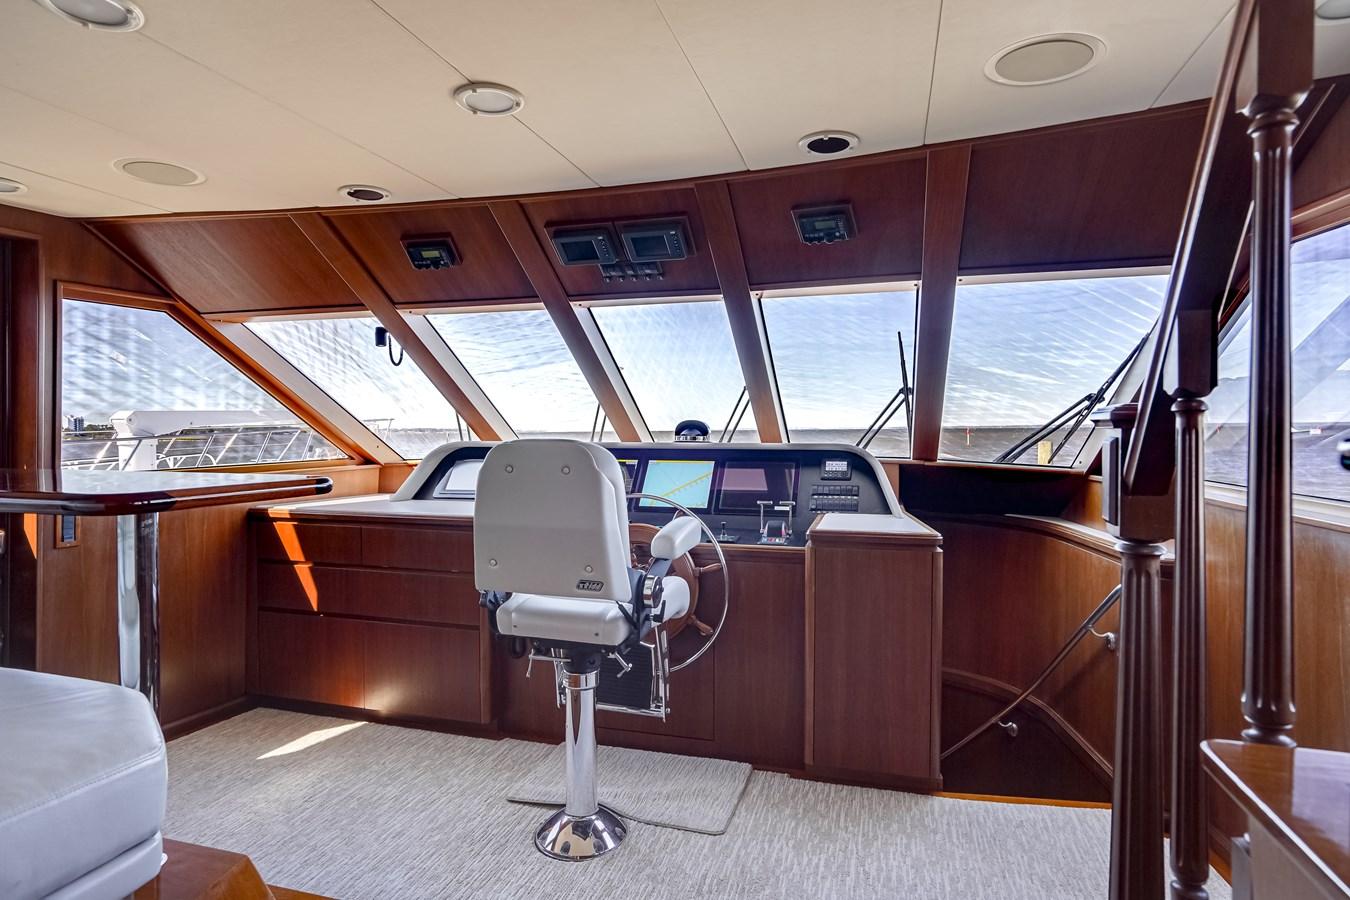 2011 85 Burger - Pilothouse (5) 2001 BURGER 85 Motor Yacht Motor Yacht 2847195